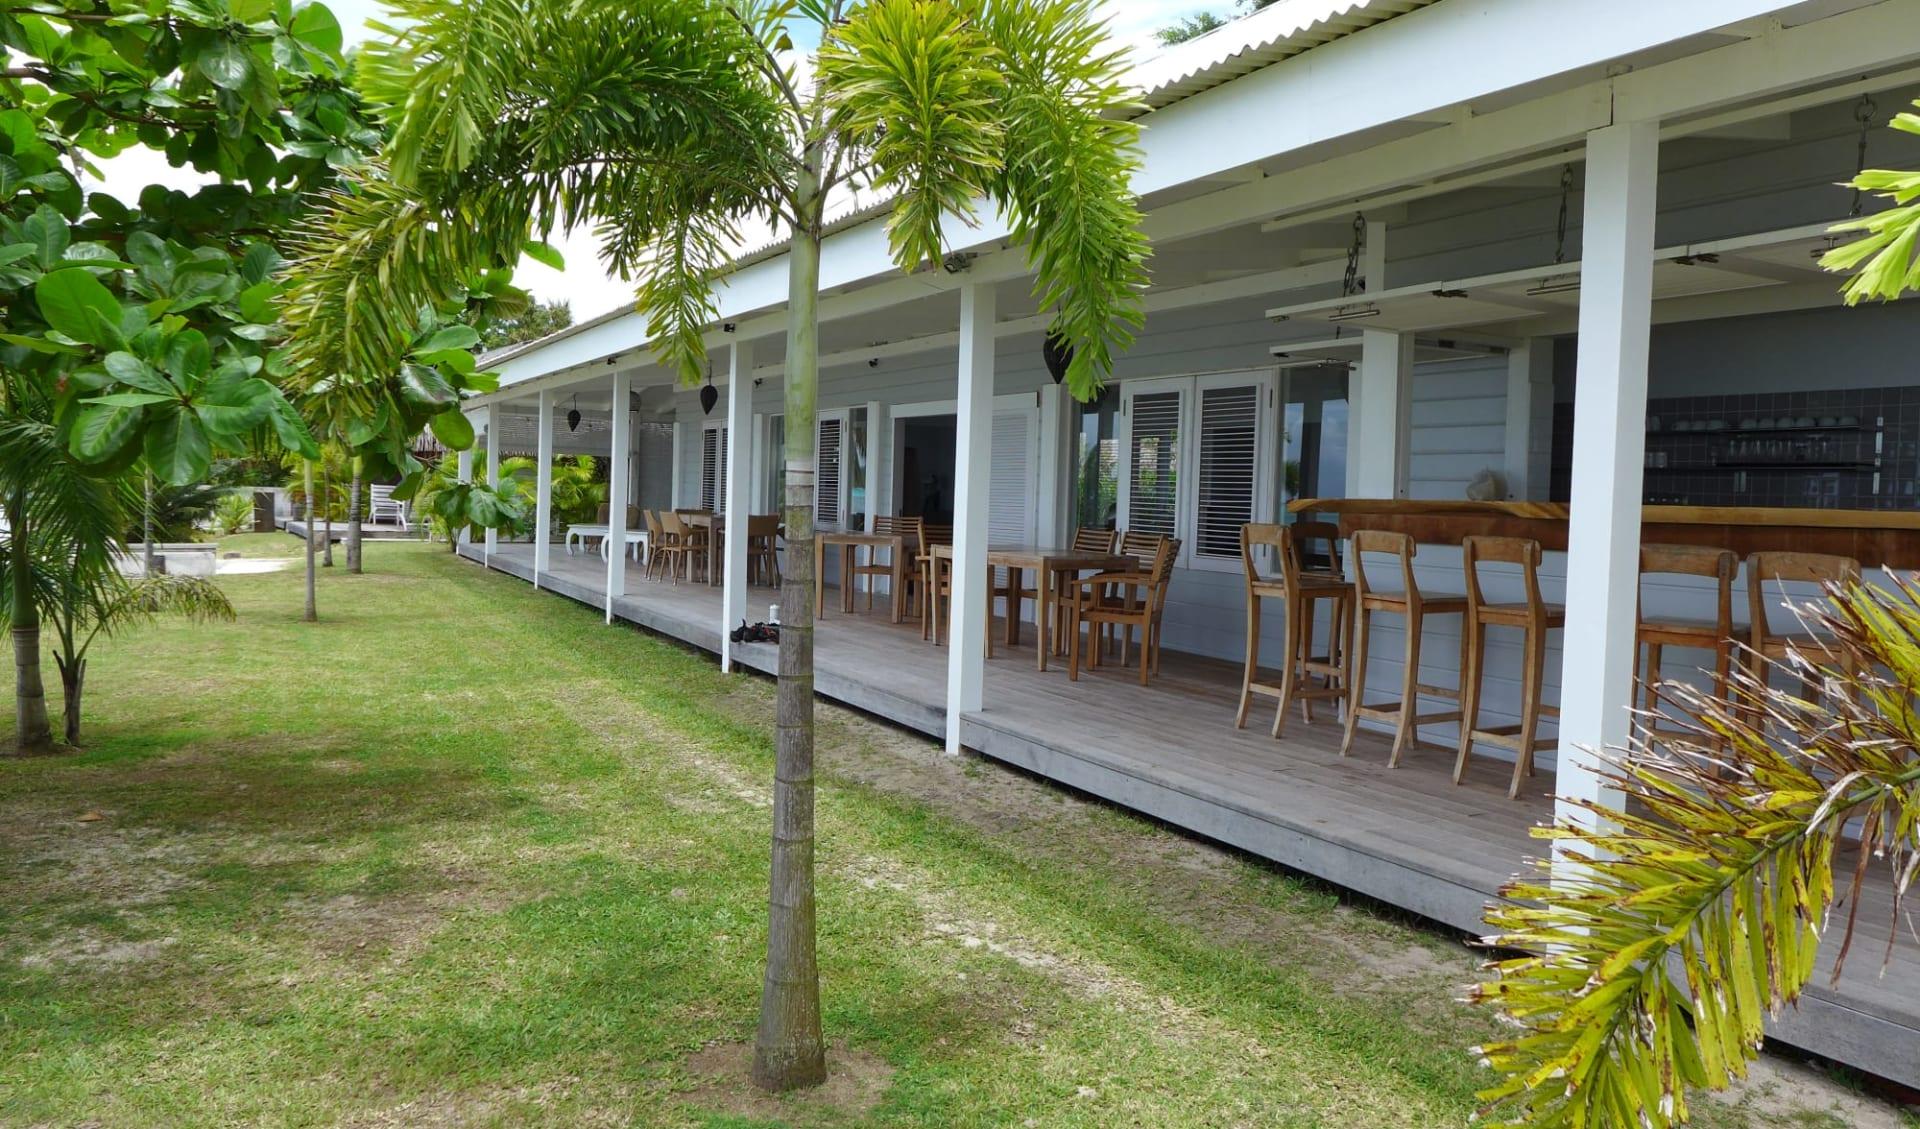 Moorea Beach Lodge:  Moorea Beach Lodge (11)